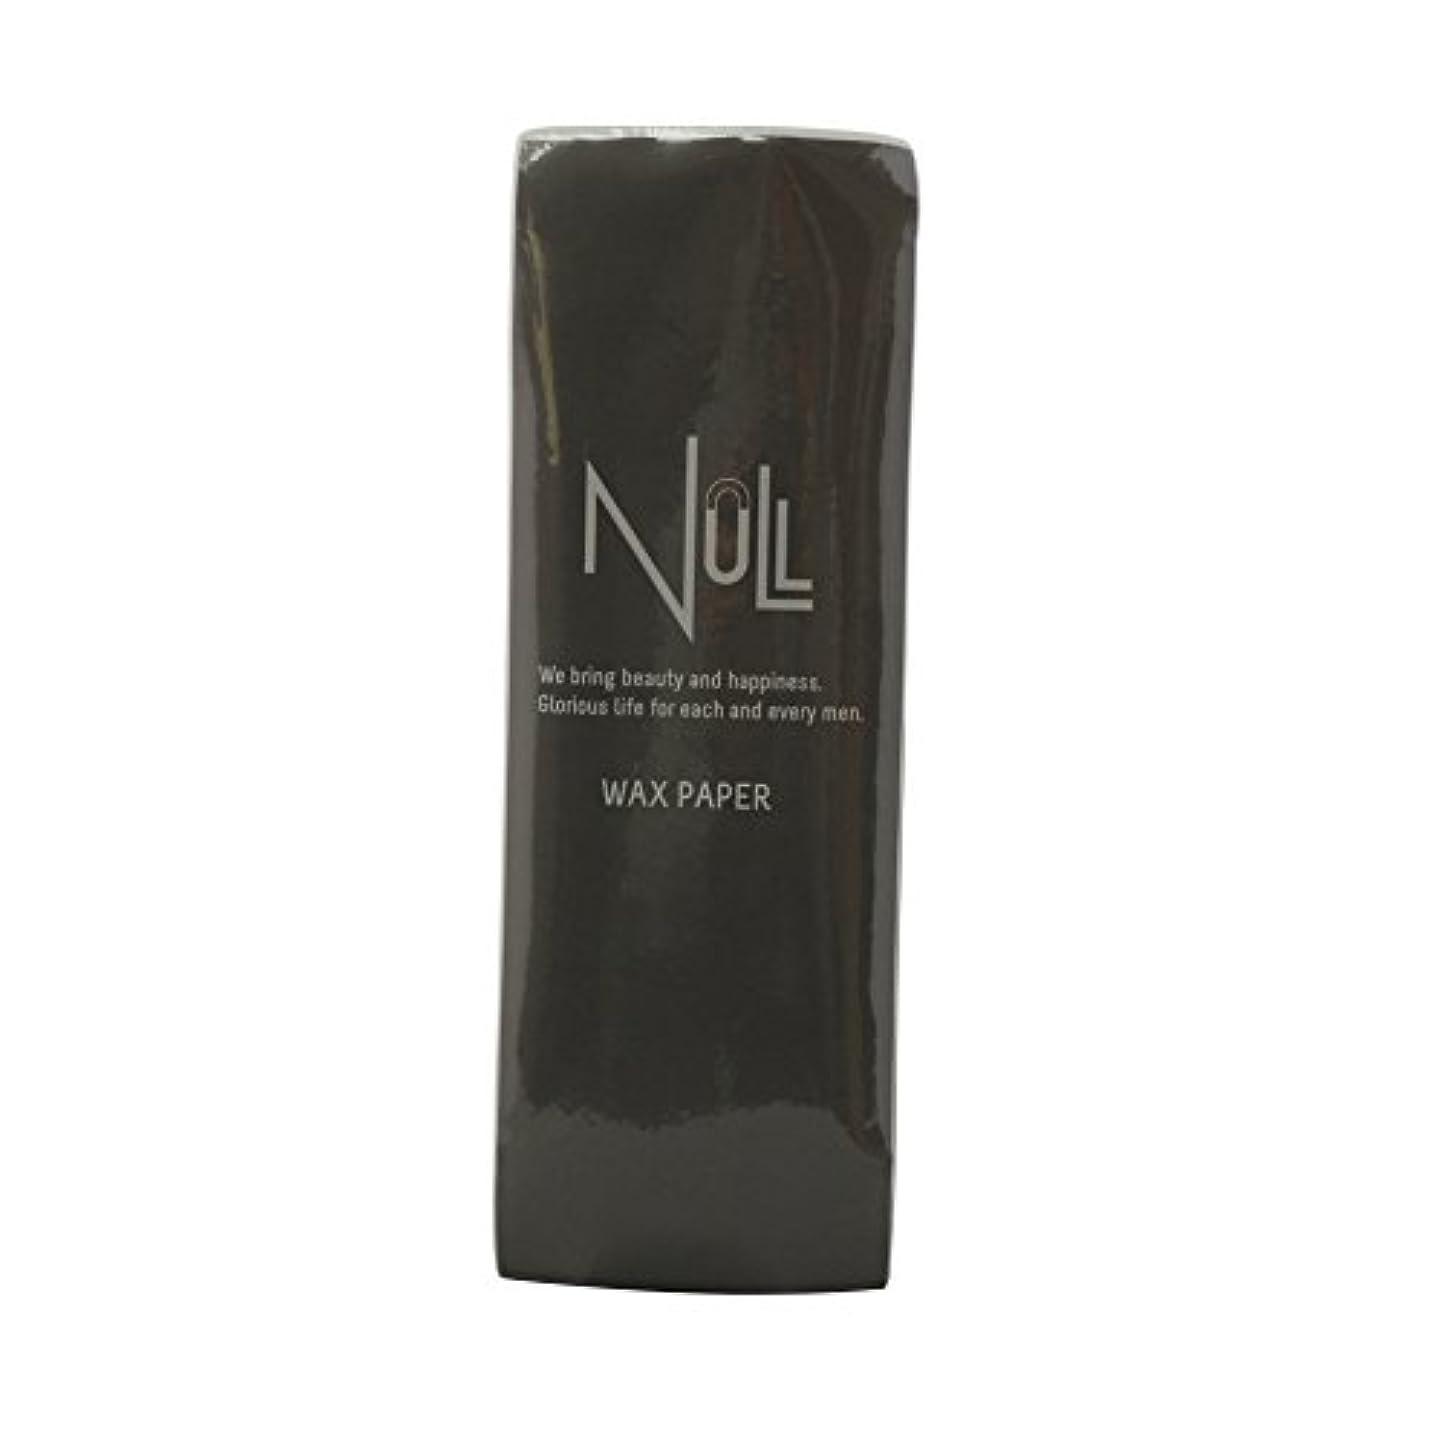 リフレッシュコミュニティ覚醒NULL ブラジリアンワックス用ペーパー 100枚入り 70mm幅 ワックス脱毛 専用